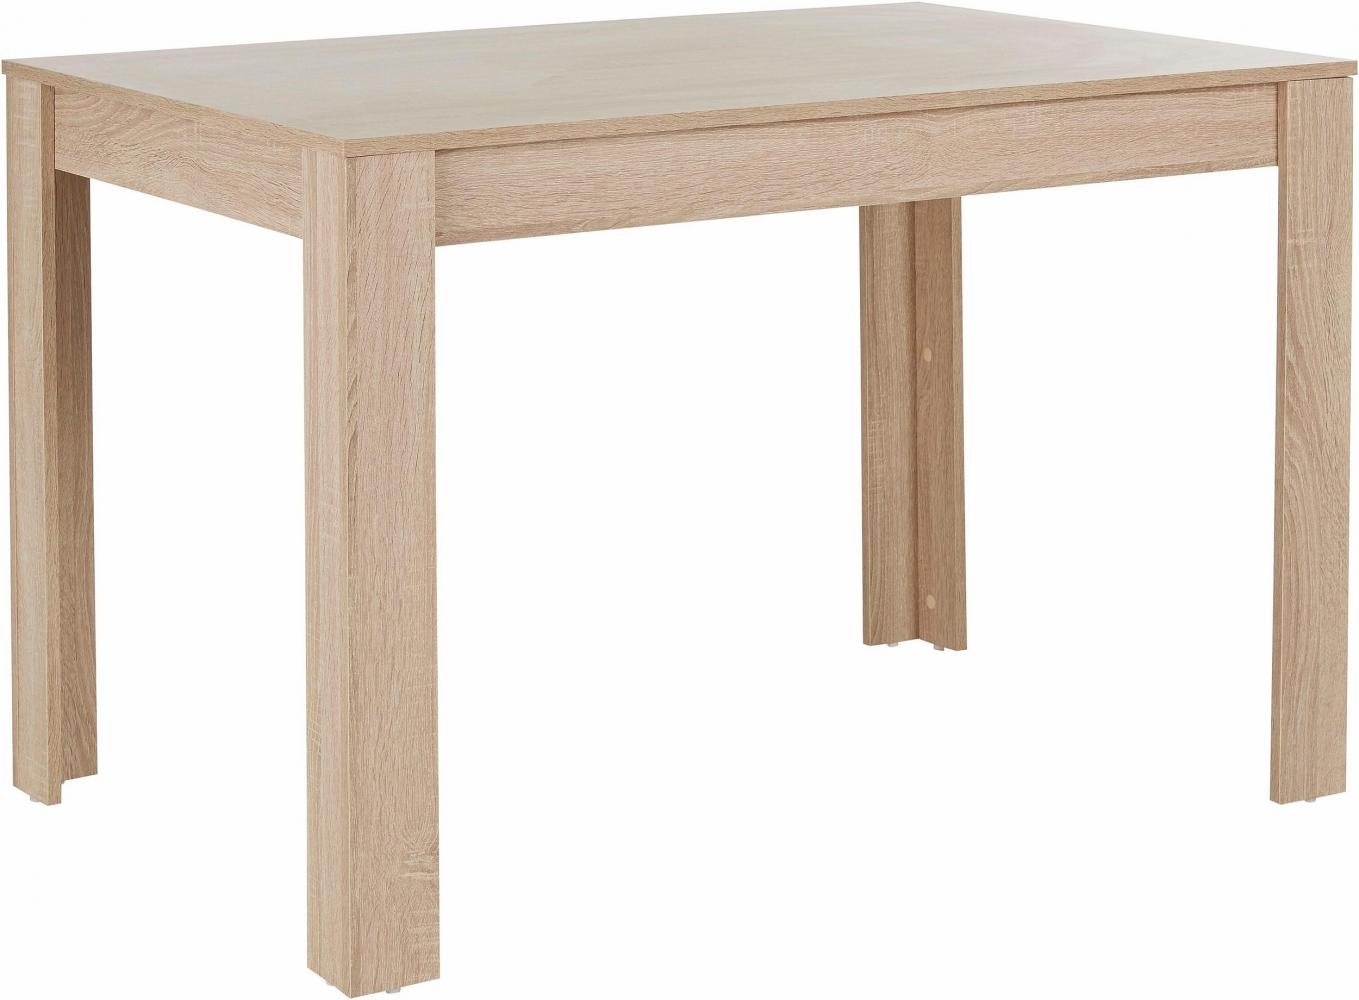 Jídelní stůl Lora, 120 cm, dub